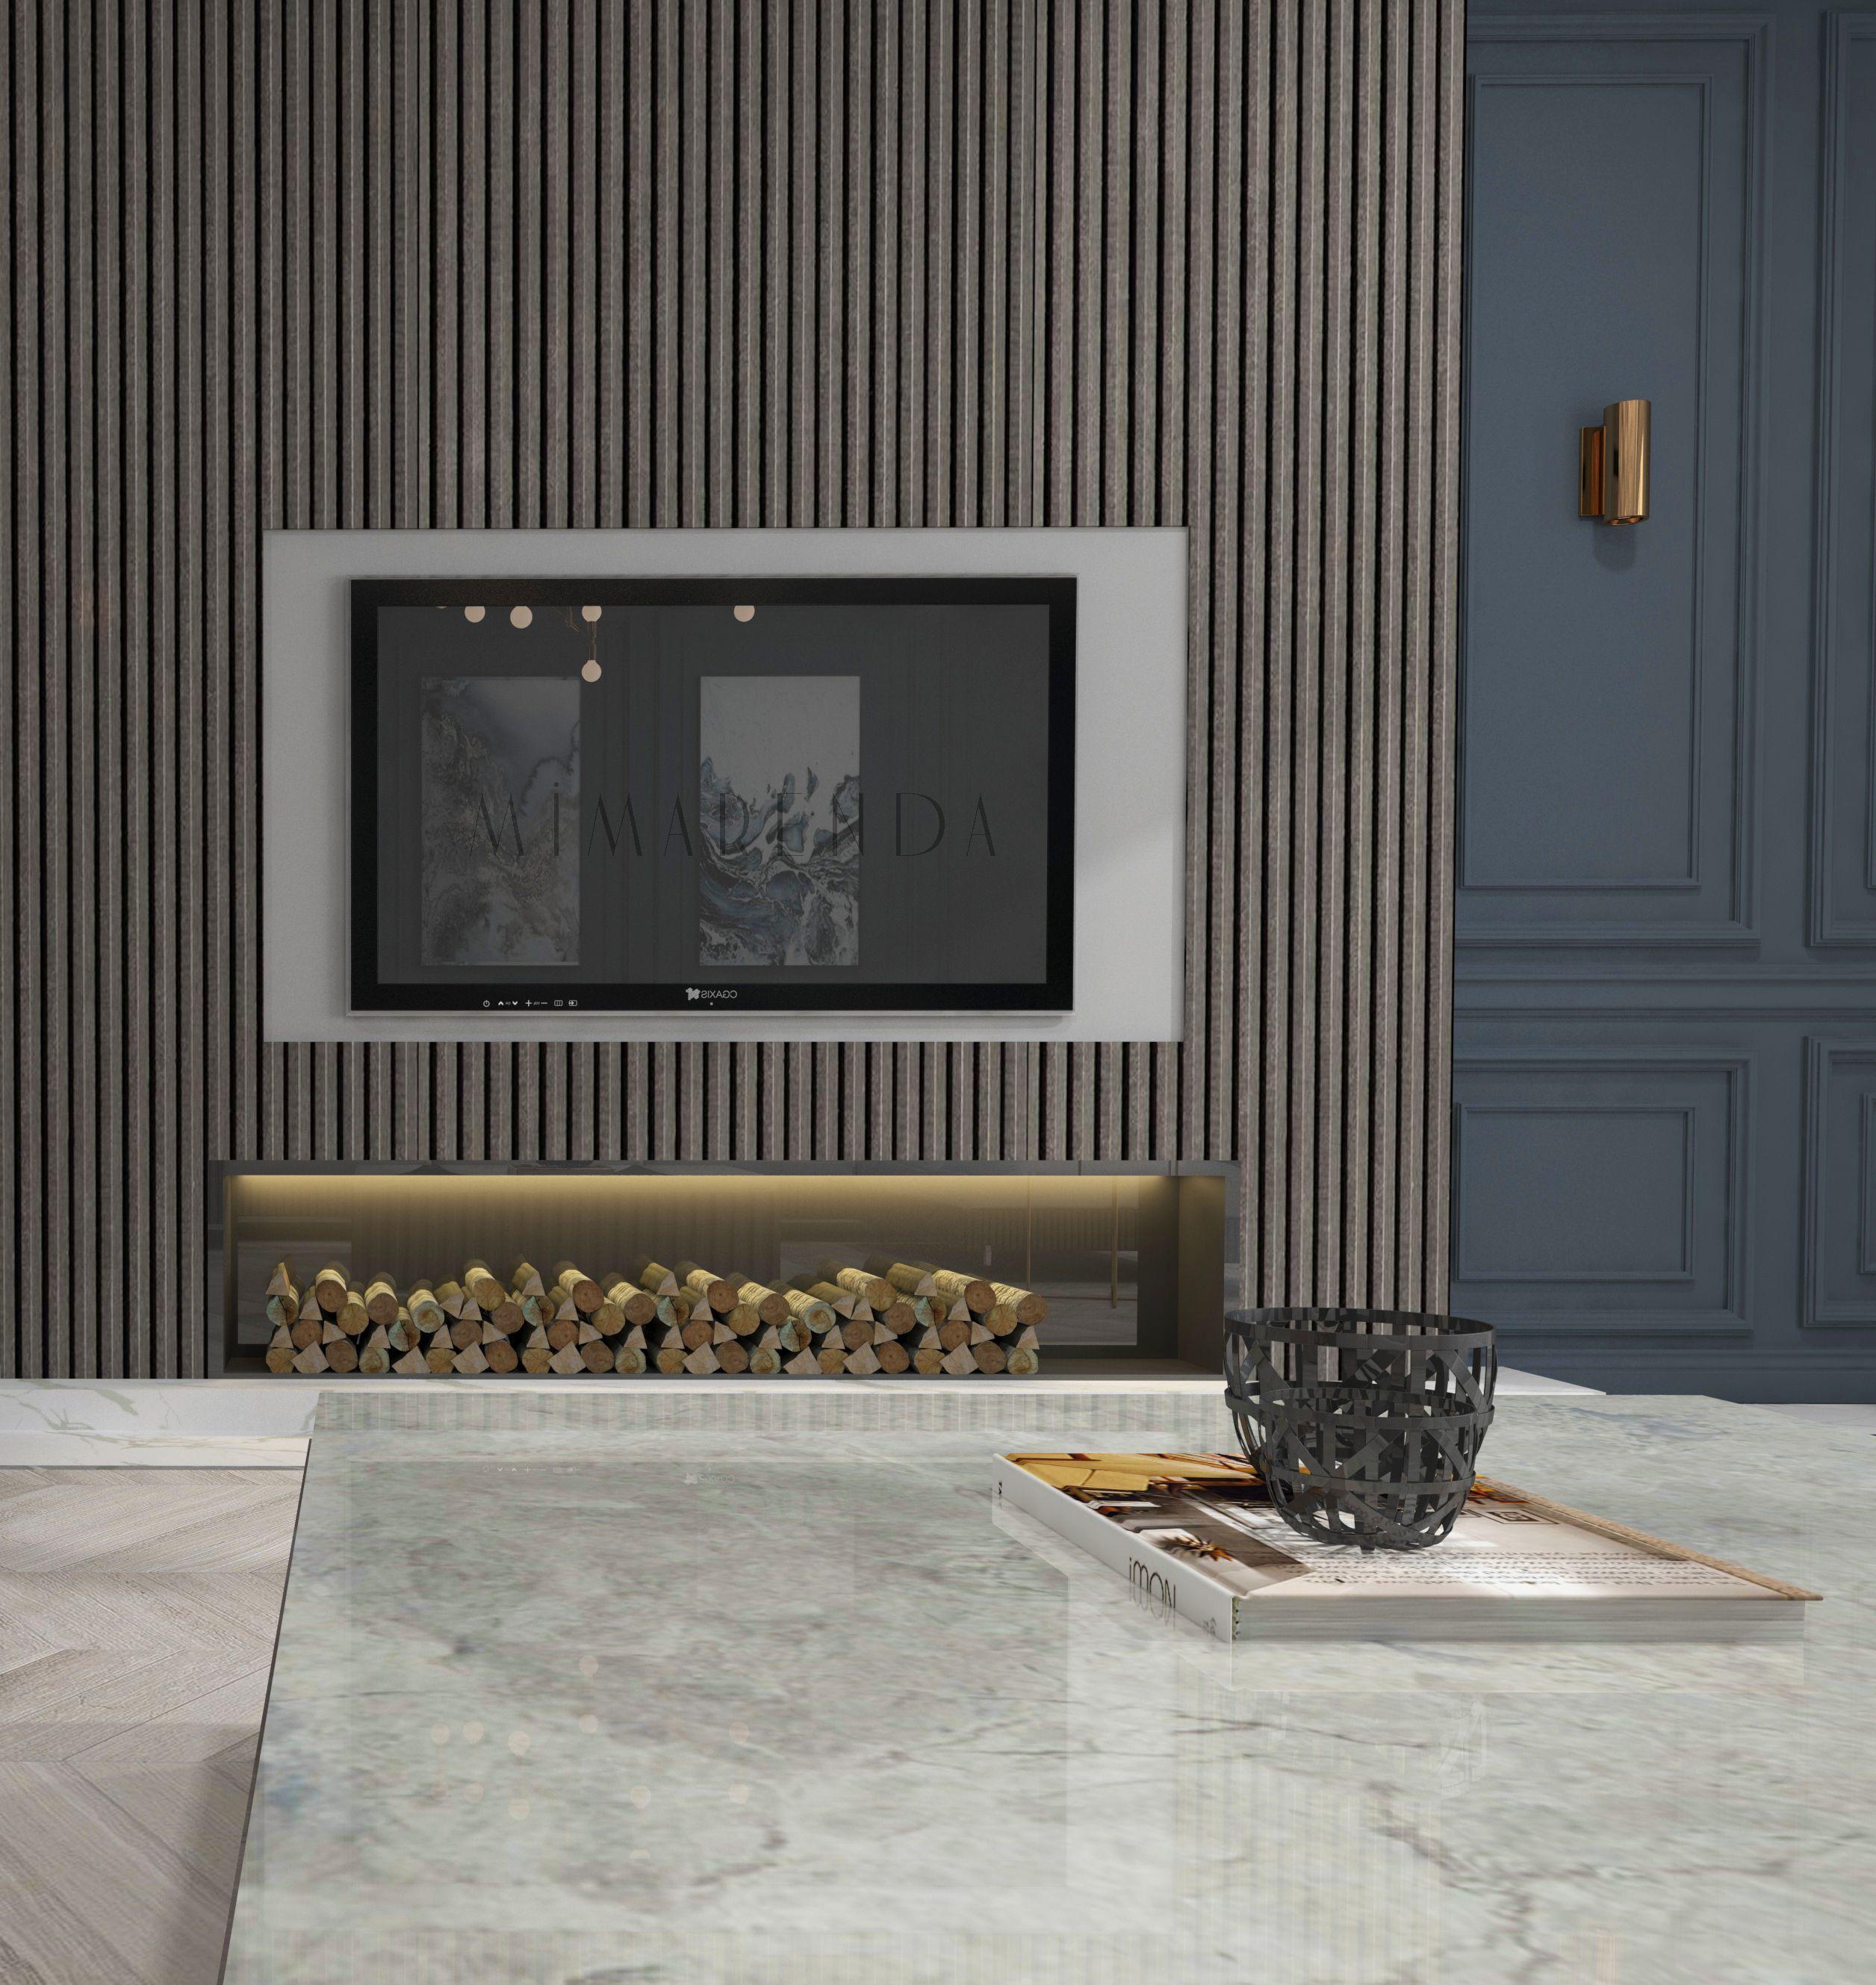 Tasarımlarımızla içinde bulunduğunuz alanlara zamansız, modern ve şık bir kimlik kazandırıyoruz. #interiordesign #interior #salon #luxurylifestyle #luxury #salontasarımı #home #homesweethome #homedecor #evdekorasyonu #architect #mimar #design #tasarım#mobilyatasarımı #mobilya #oturmaodasi #duvar #duvartasarımı #interiors #dekorasyon #decorations #bursa #içmimar #bursamimar #bursaiçmimar